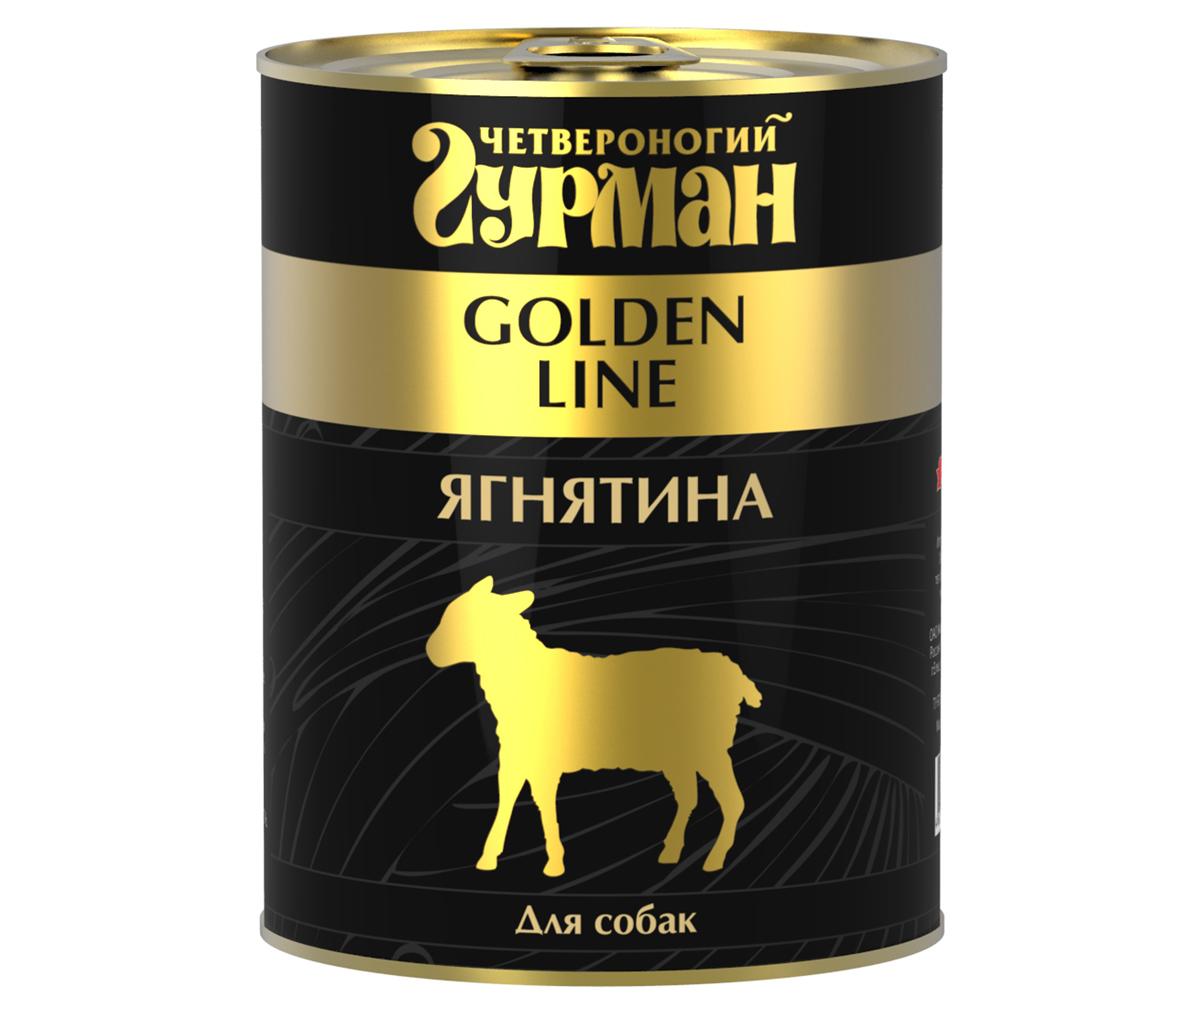 """Консервы для собак """"Четвероногий Гурман"""", с ягненком, 340 г 36583"""